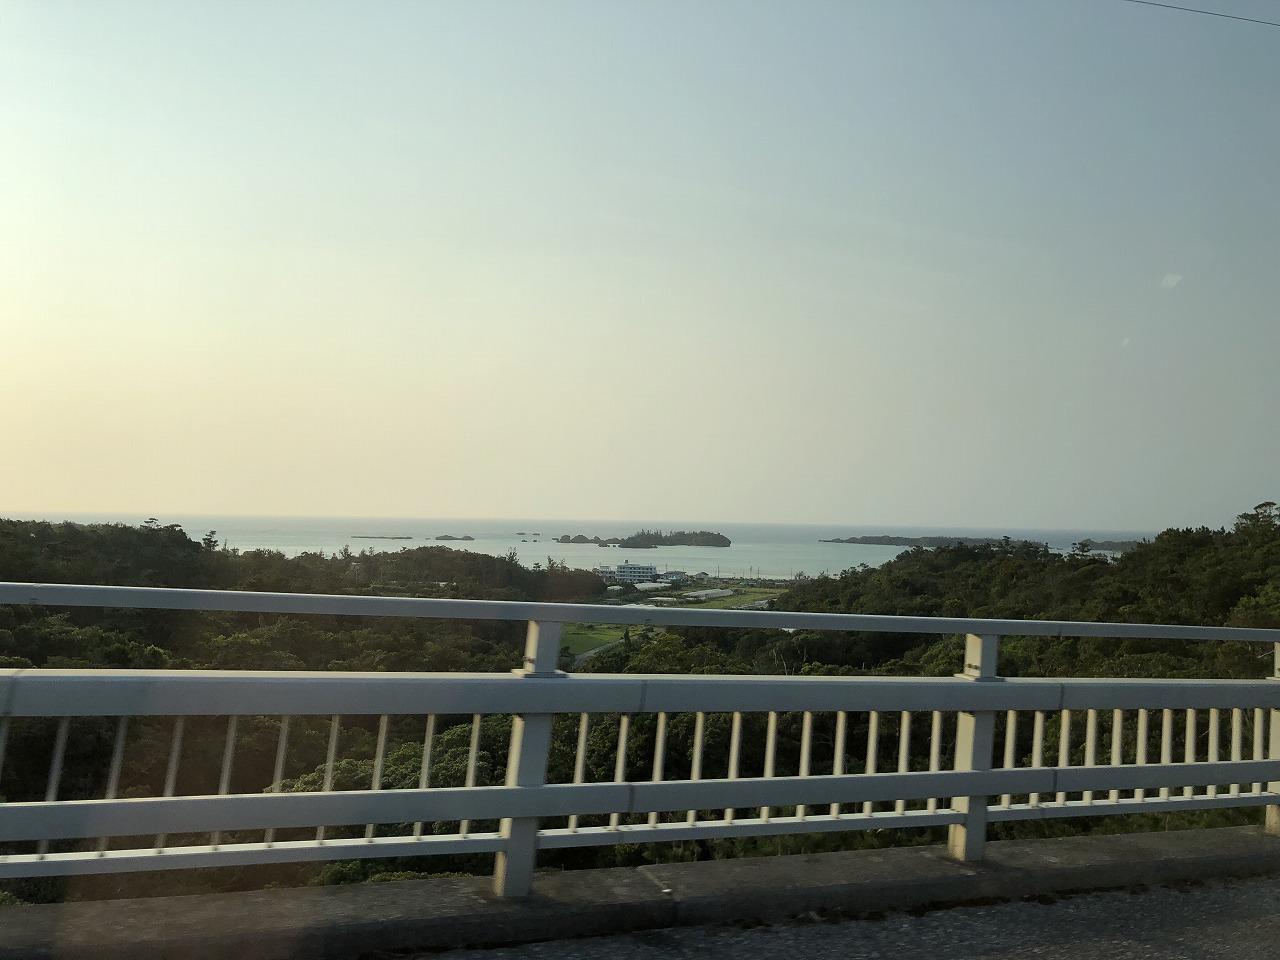 リッツカールトン沖縄のハイヤータクシー(アルファード)から海